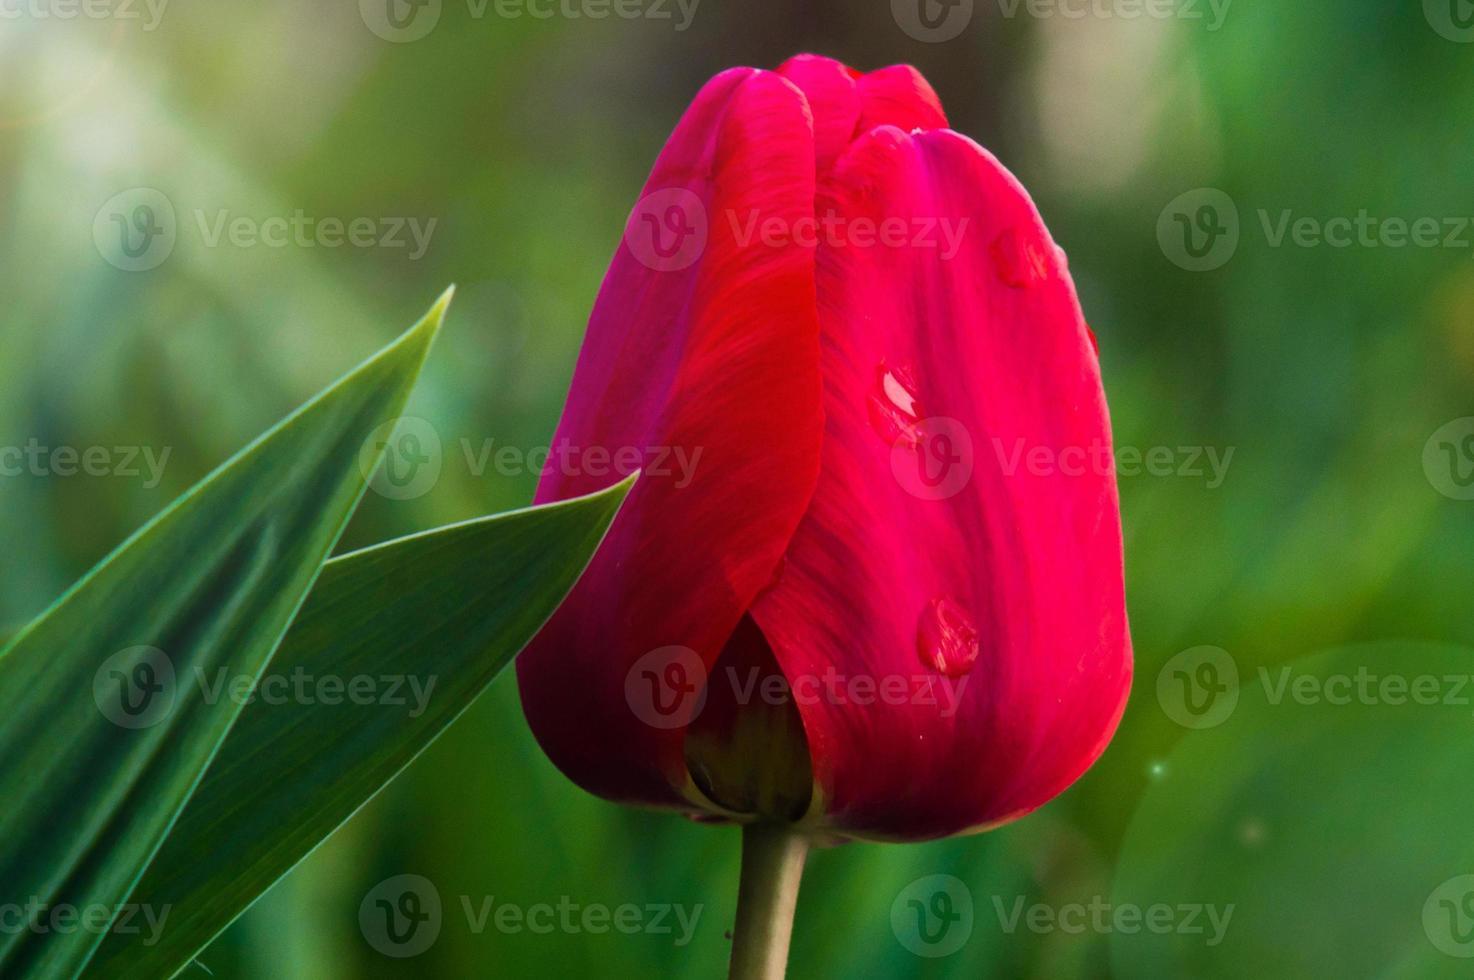 Primer plano de tulipán con pétalos rojos y hojas verdes foto